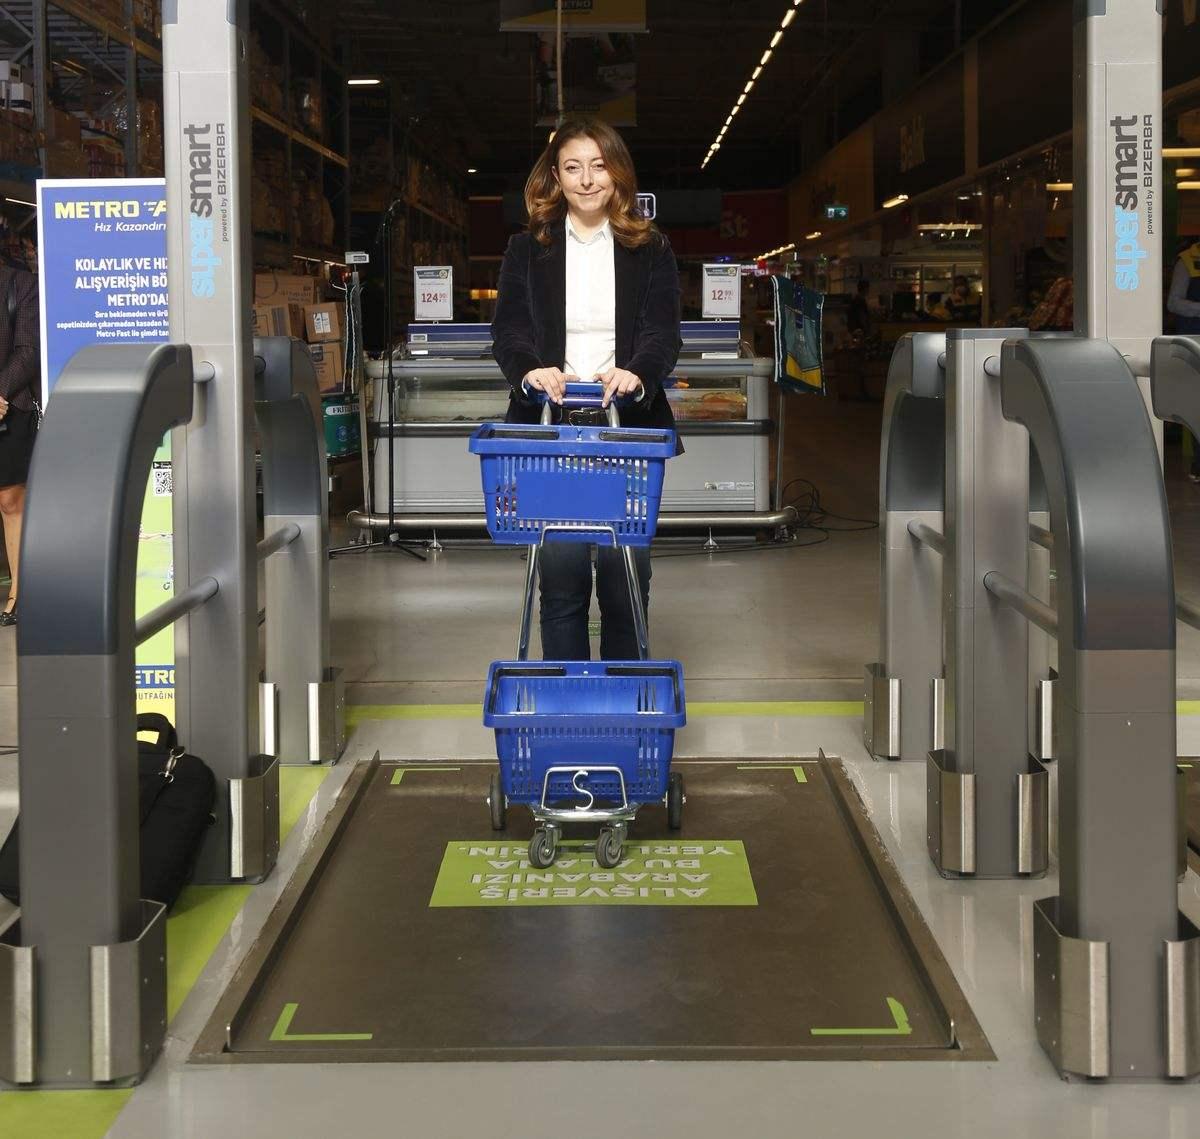 Metro Türkiye'den yepyeni bir dijital alışveriş teknolojisi: Metro Fast